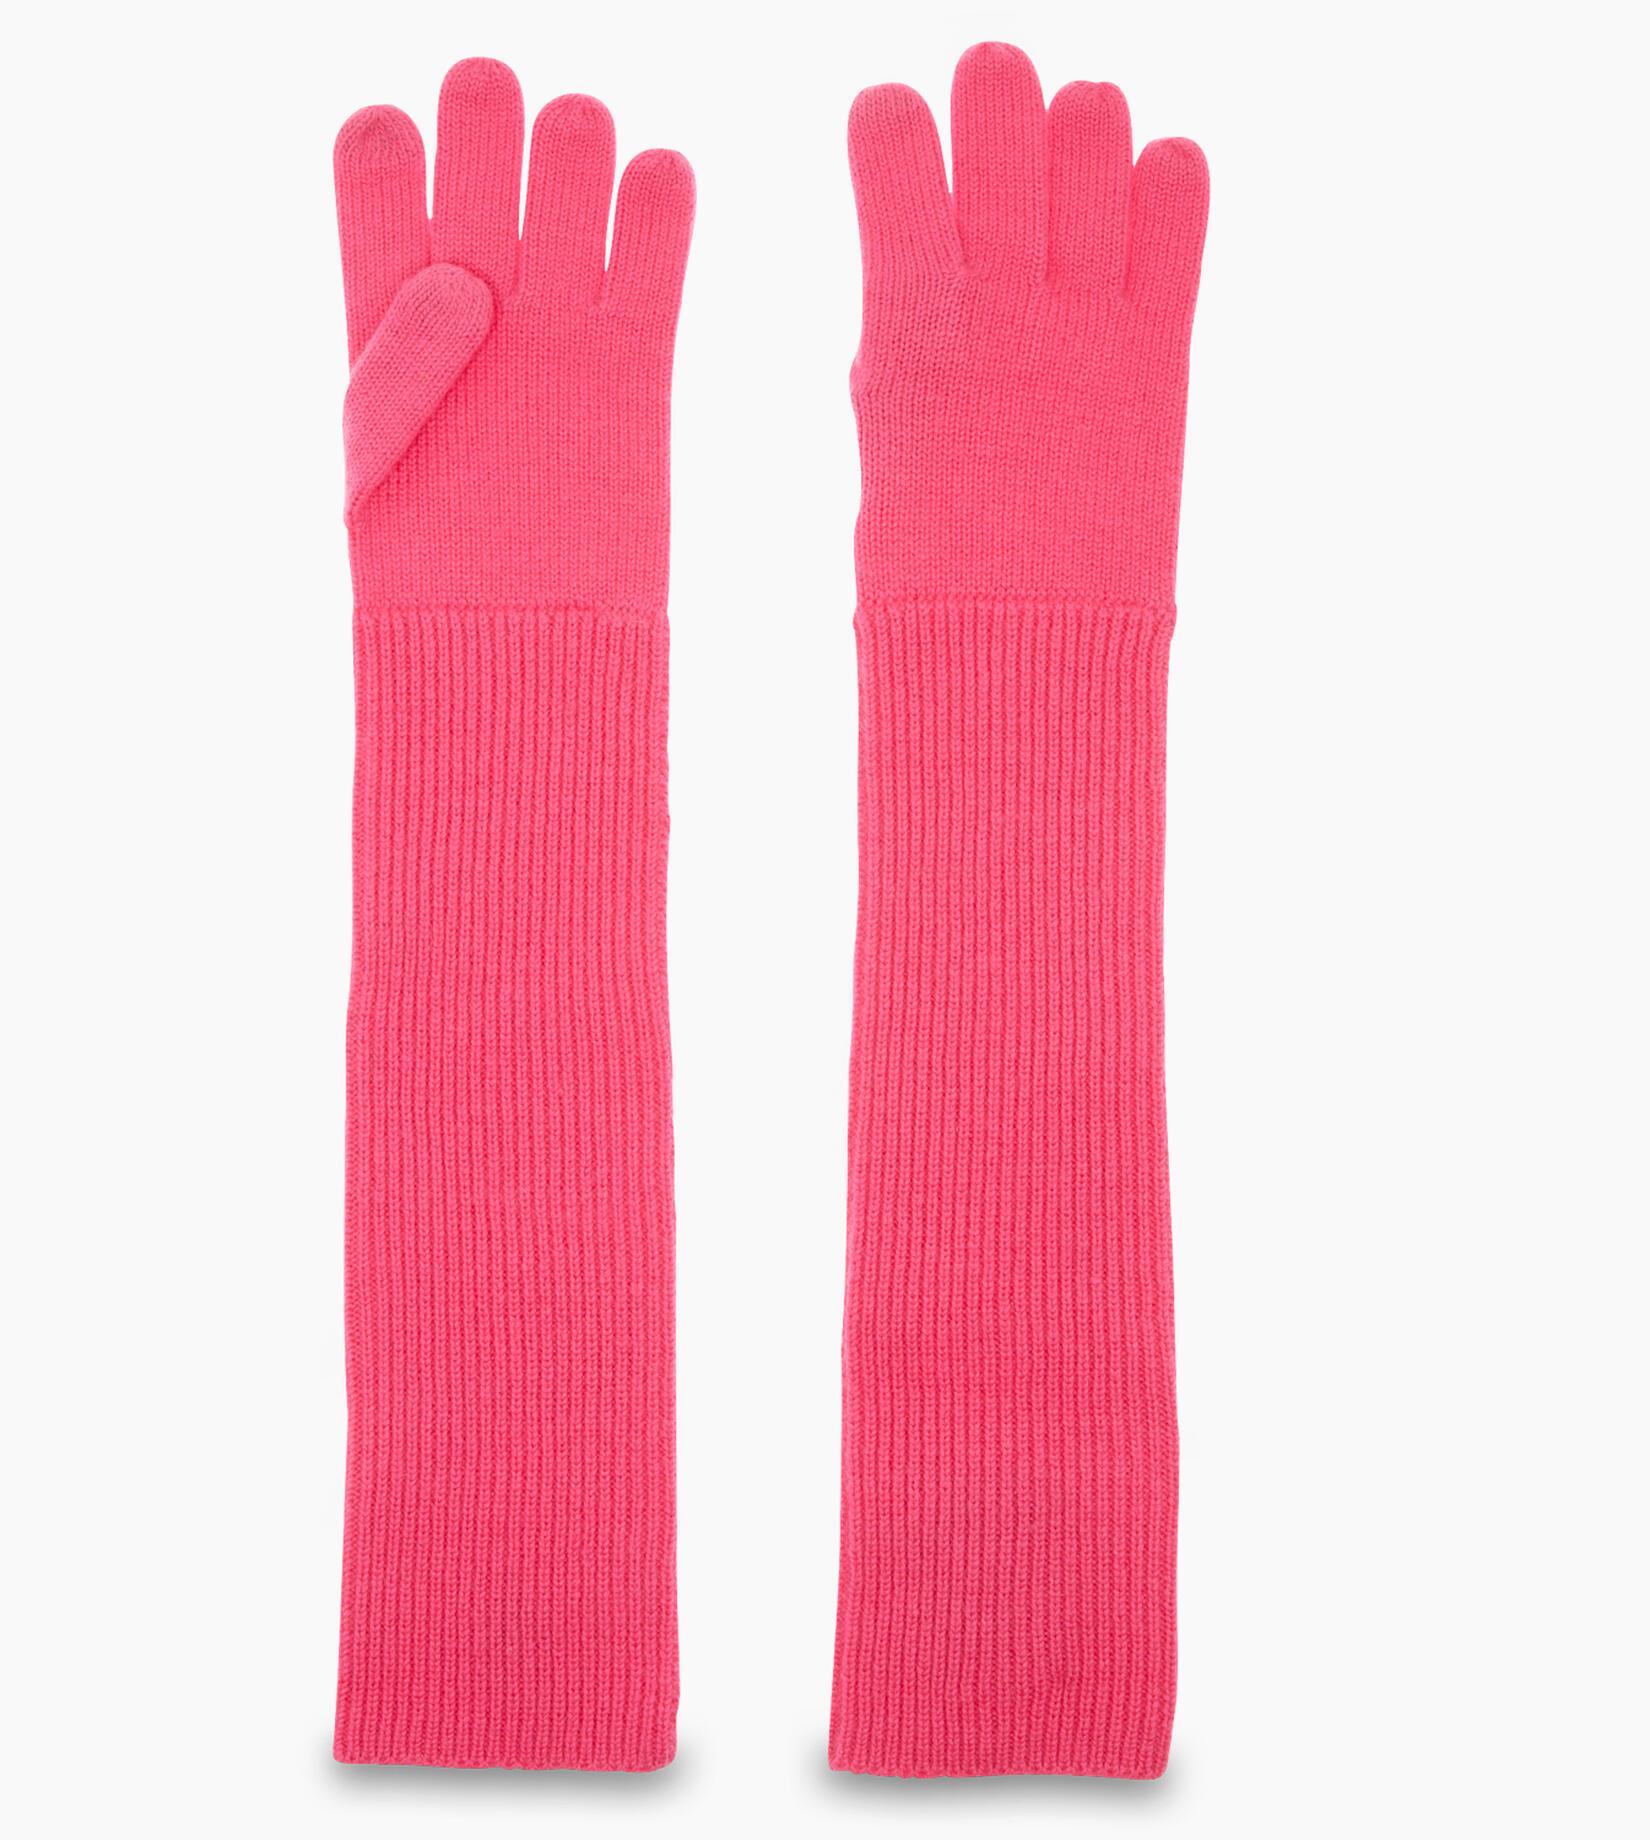 Long Cuff Knit Glove